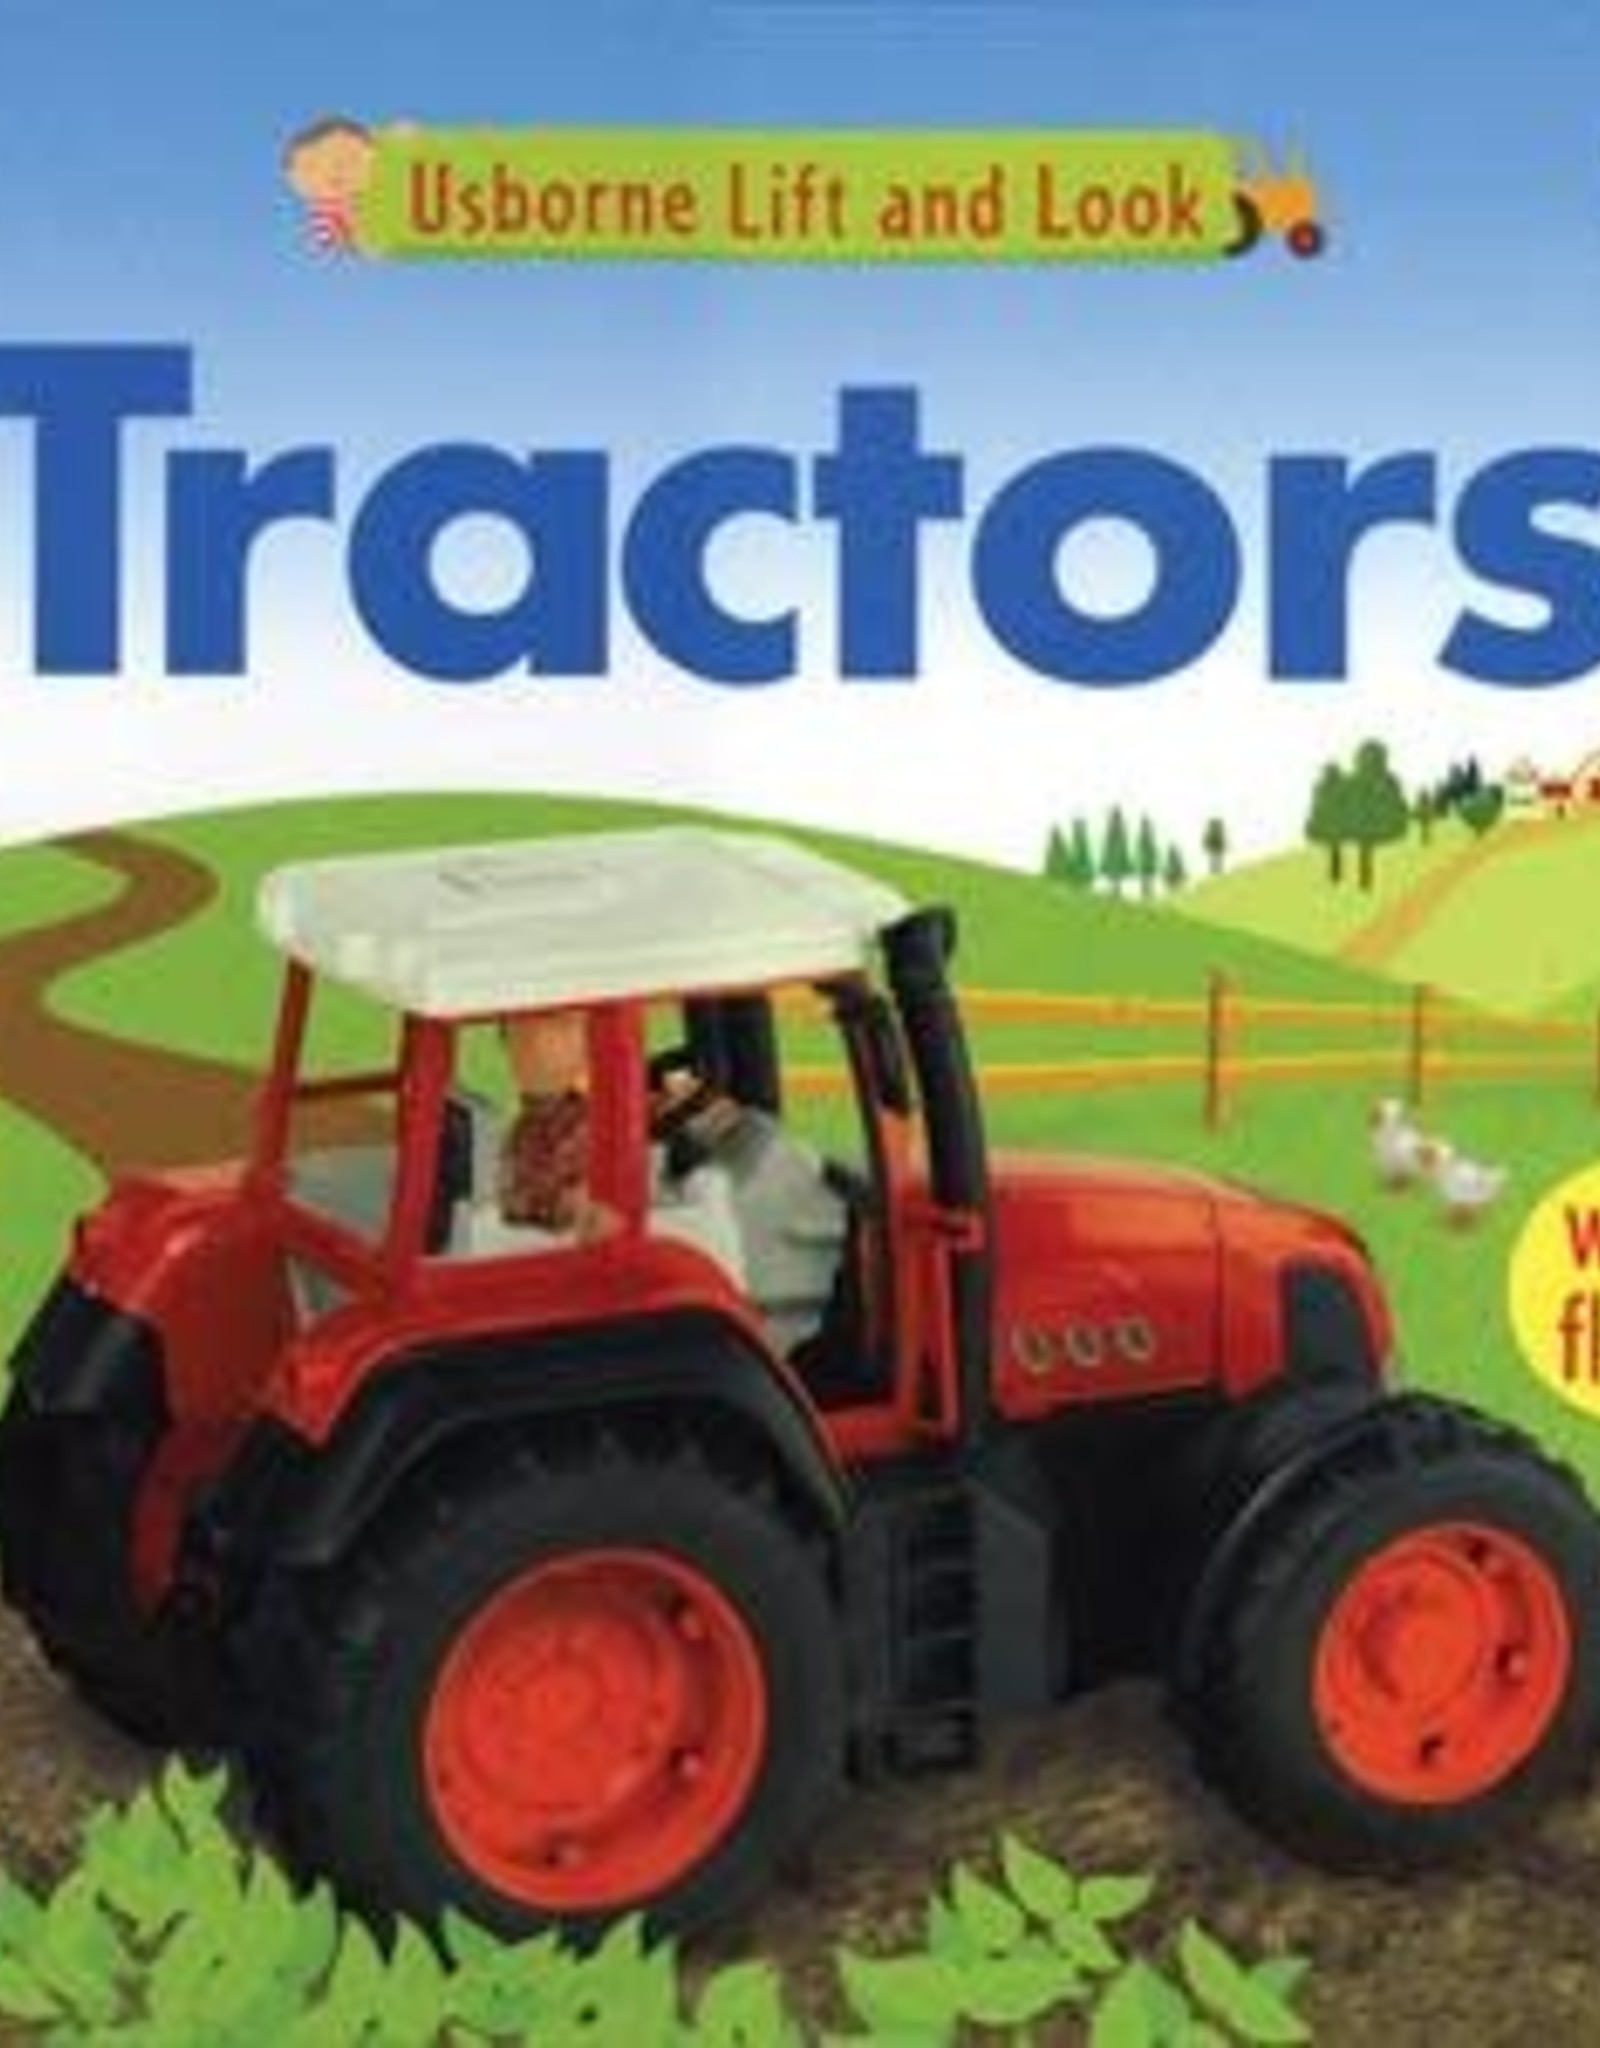 Usborne Lift and Look Tractors